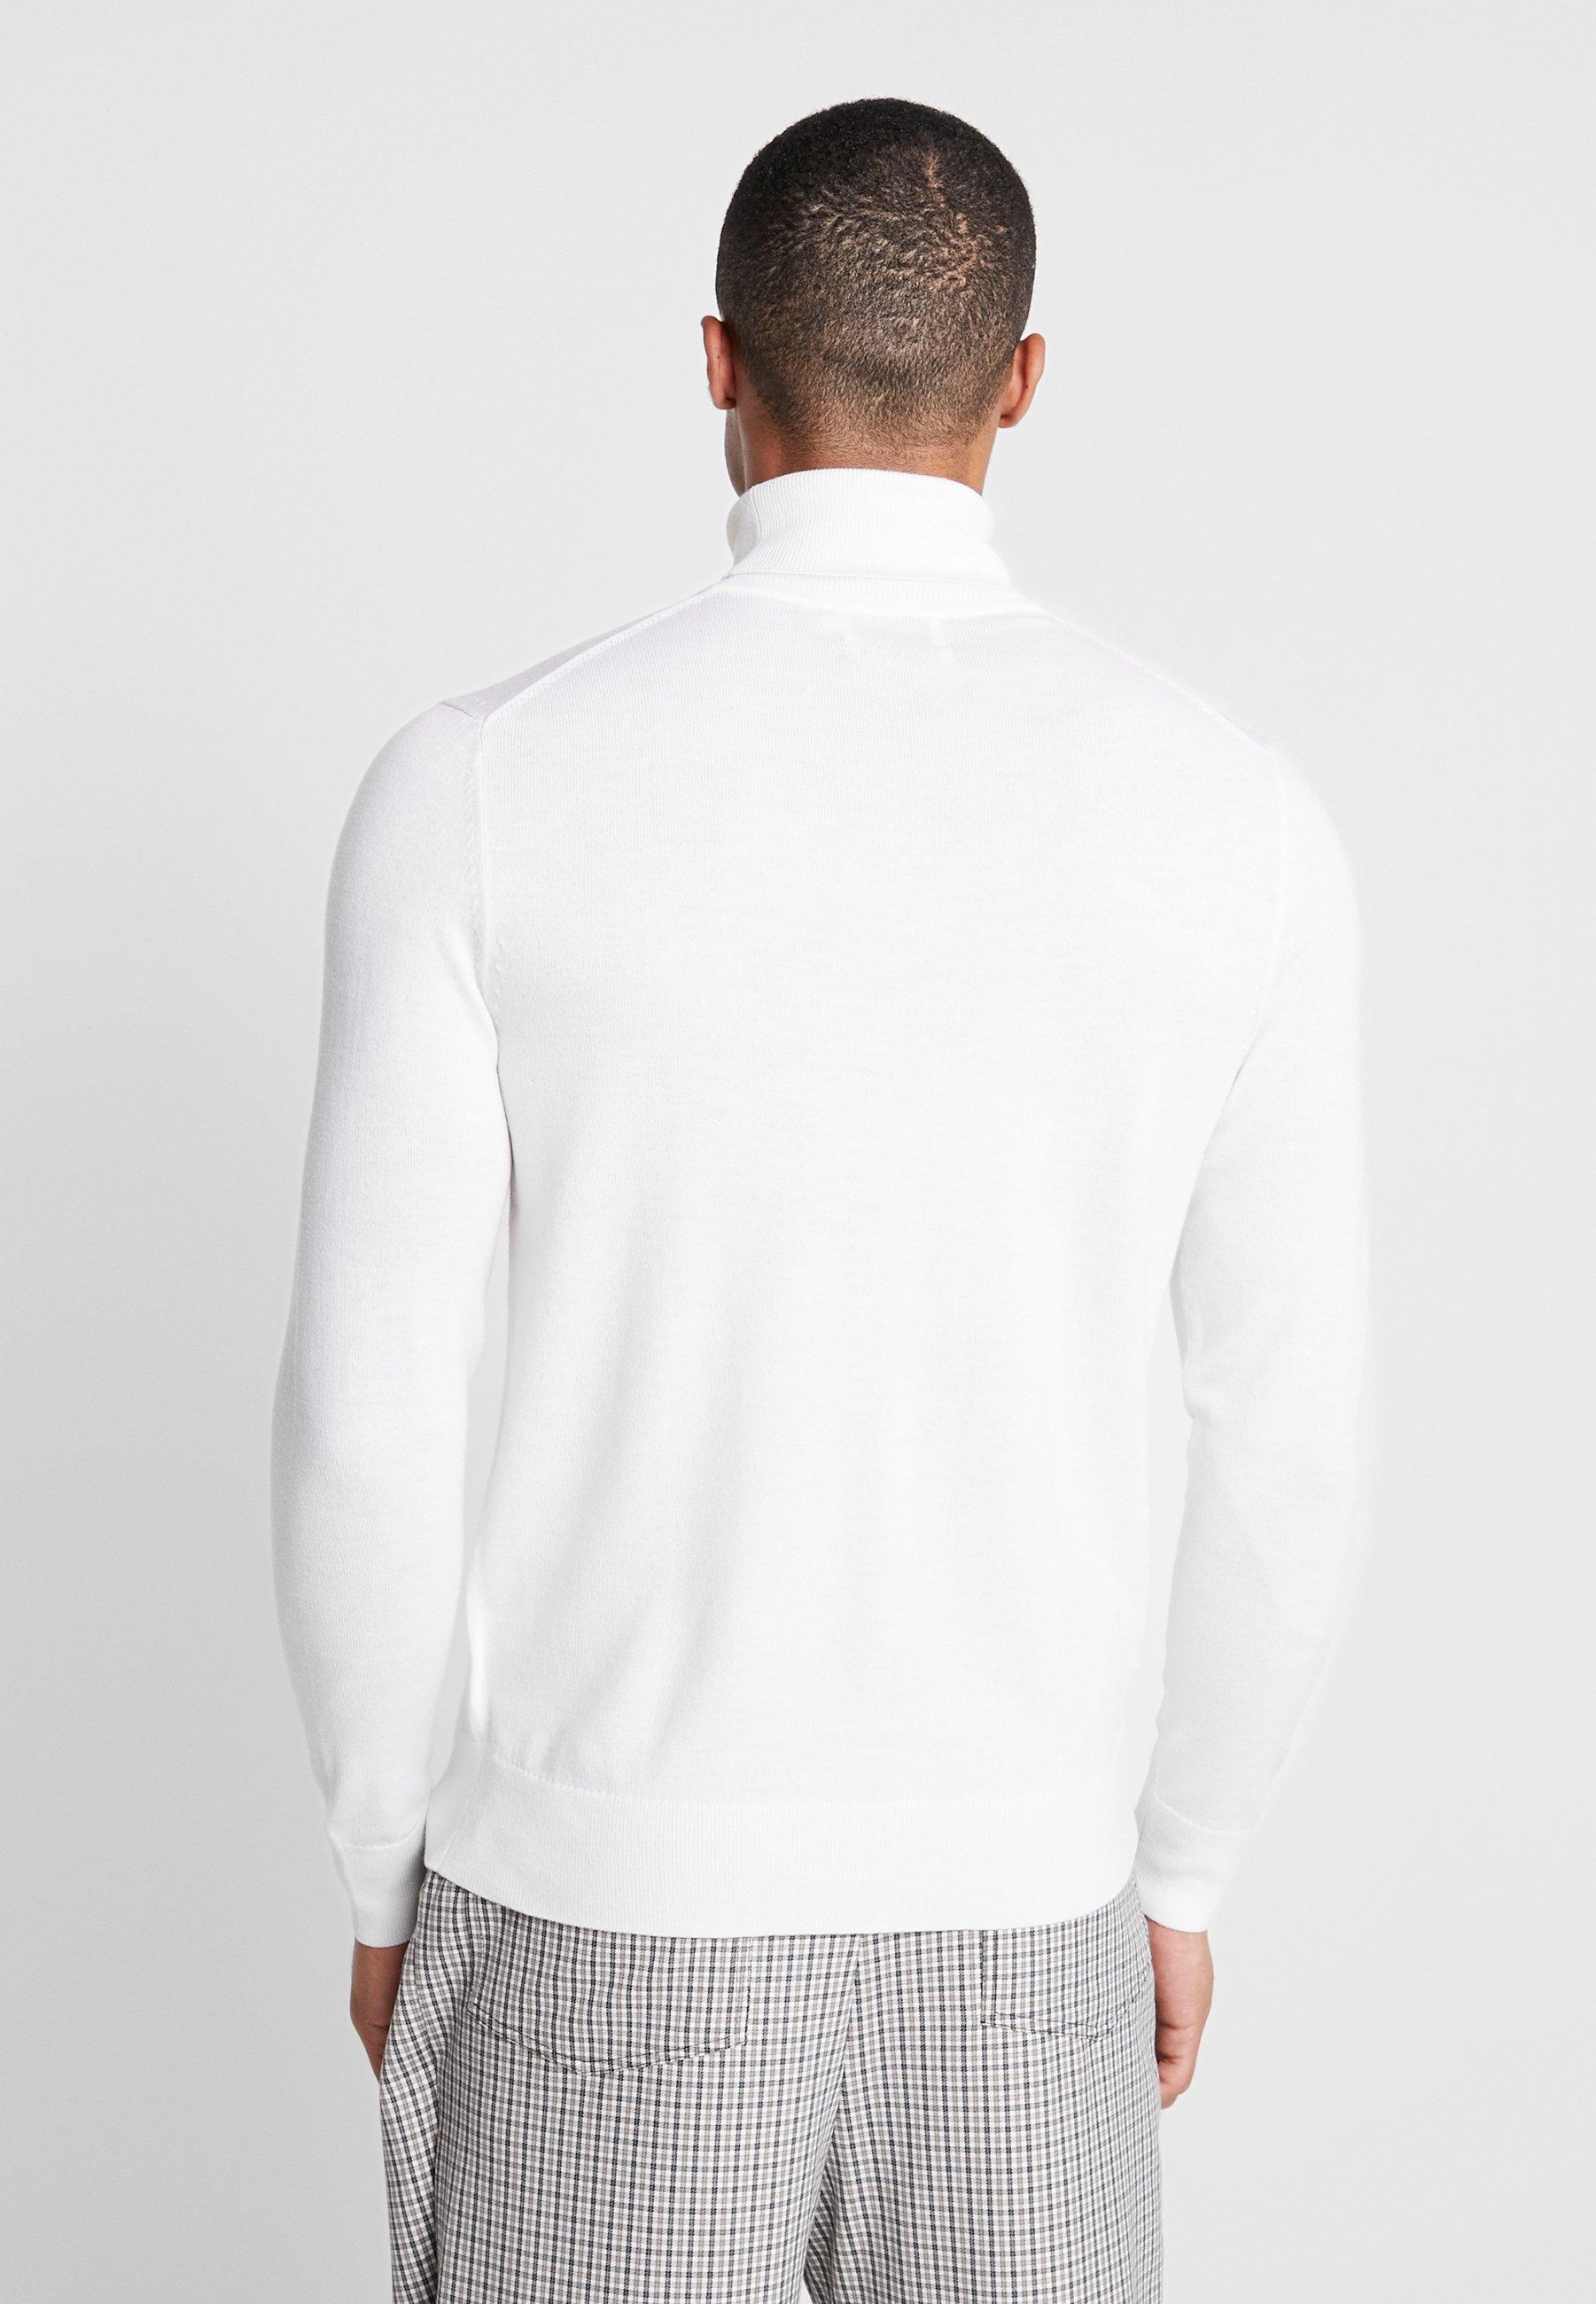 Tailored Calvin Klein Turtle White NeckMaglione Superior RLj3A54